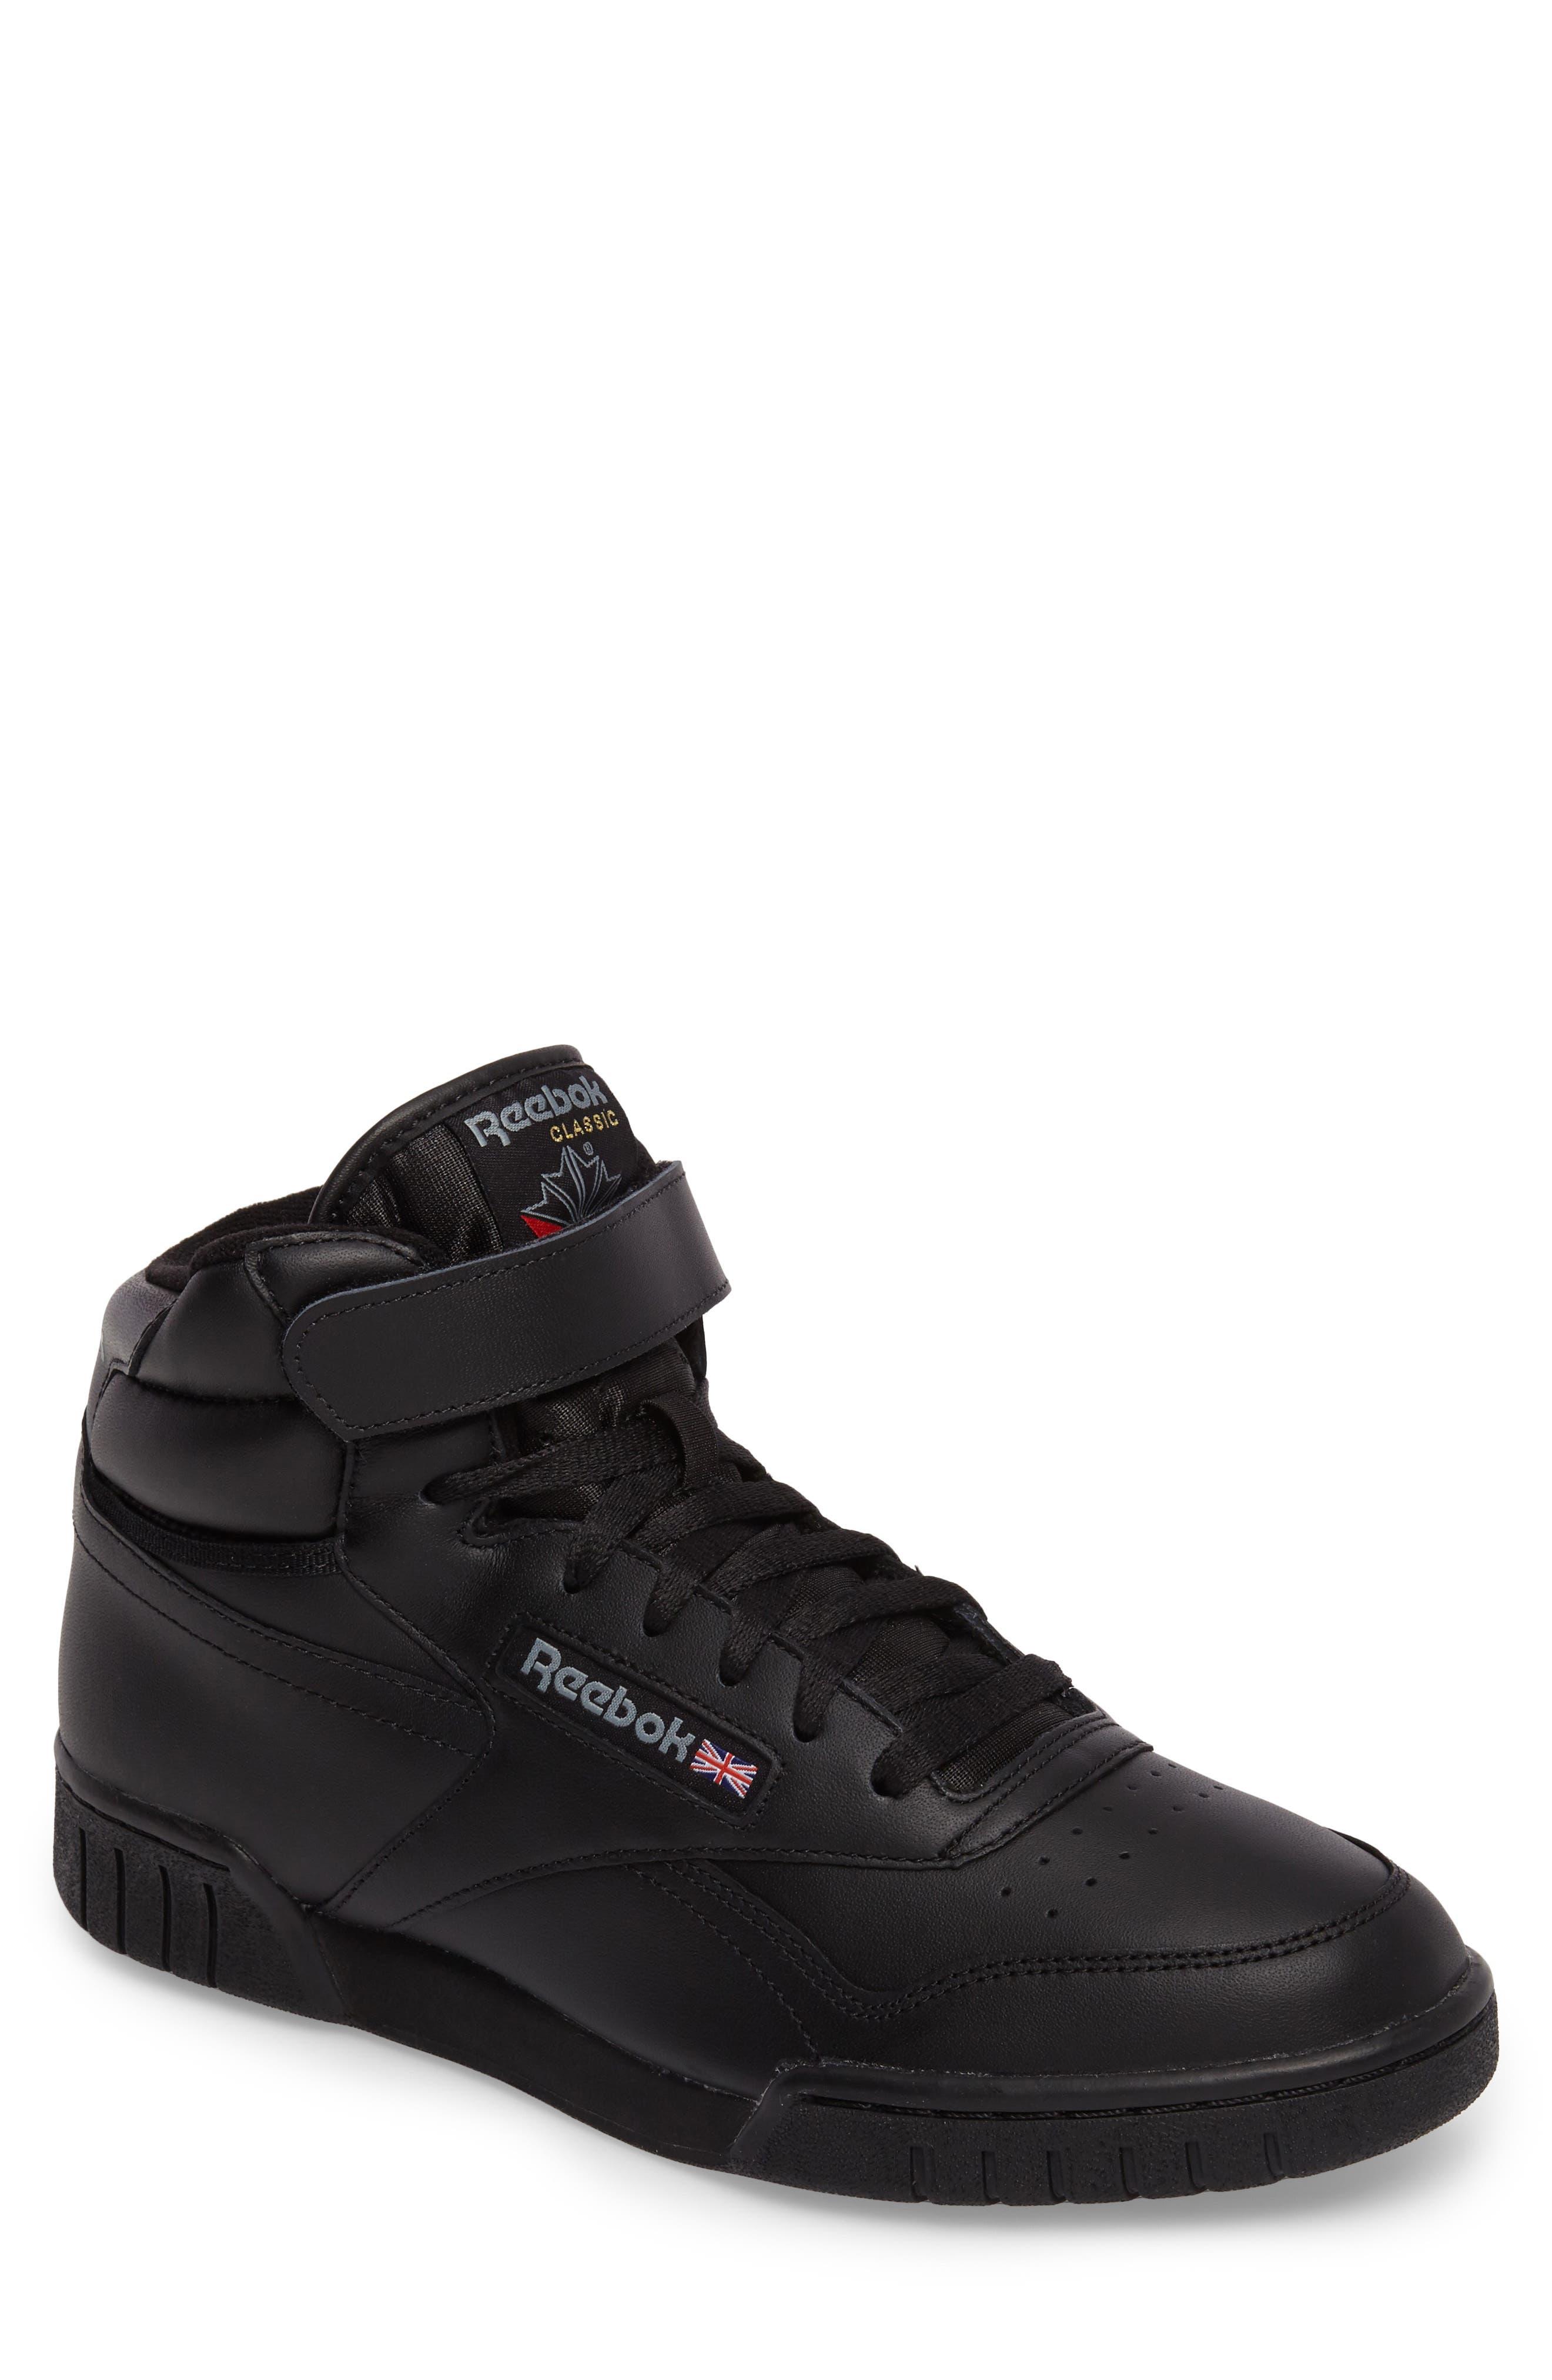 Ex-O-Fit Hi Sneaker,                         Main,                         color, Black